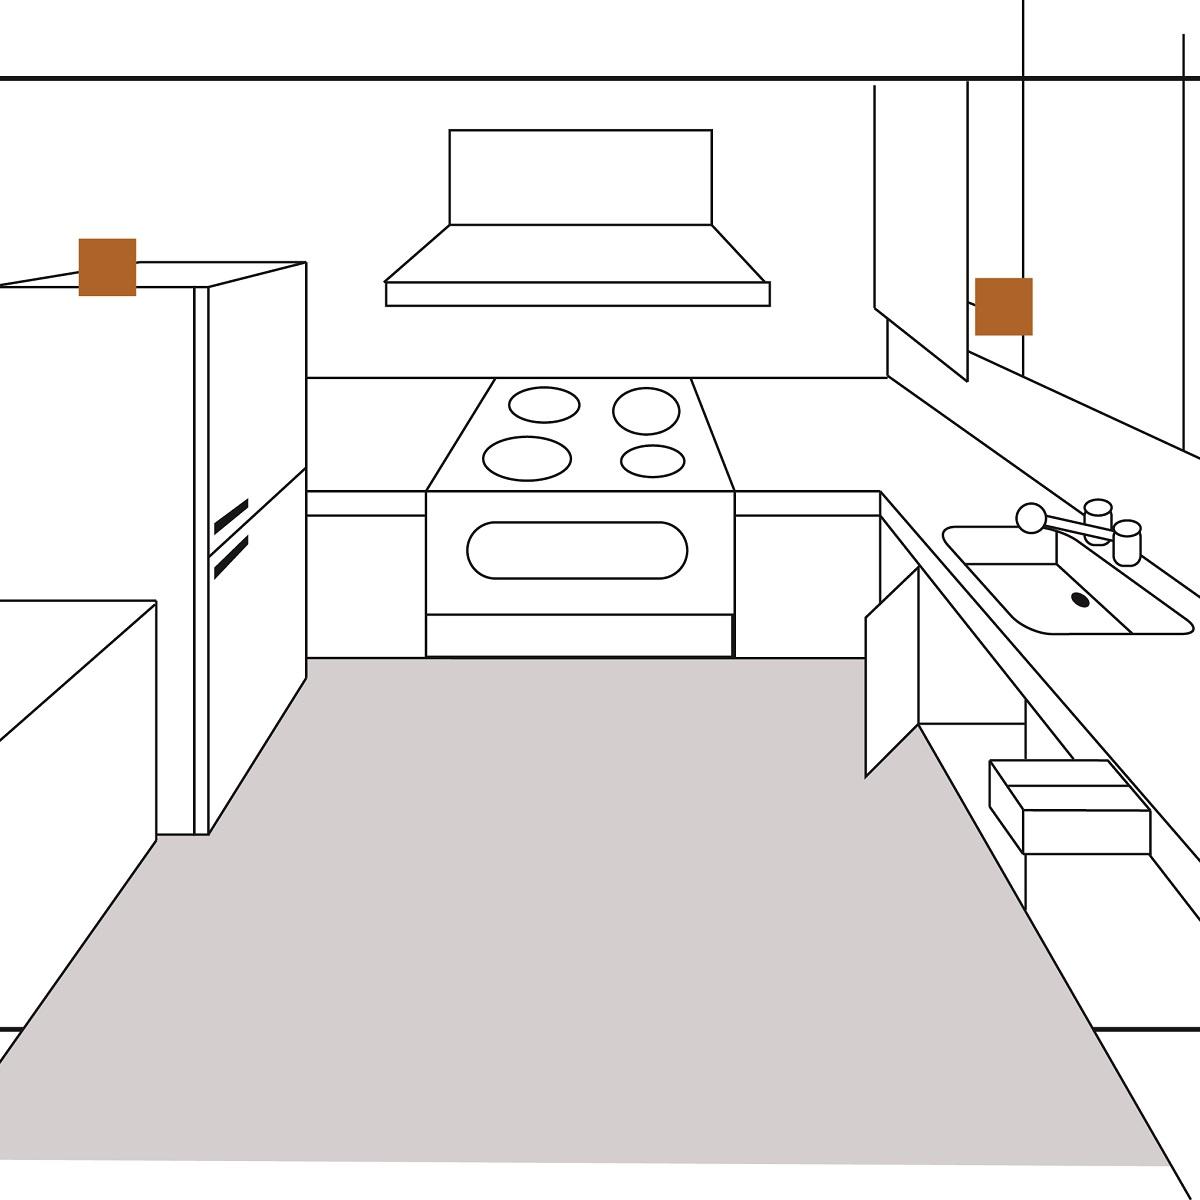 2 x lebensmittel mottenfalle natural control mottenschutz mottenbek mpfung. Black Bedroom Furniture Sets. Home Design Ideas